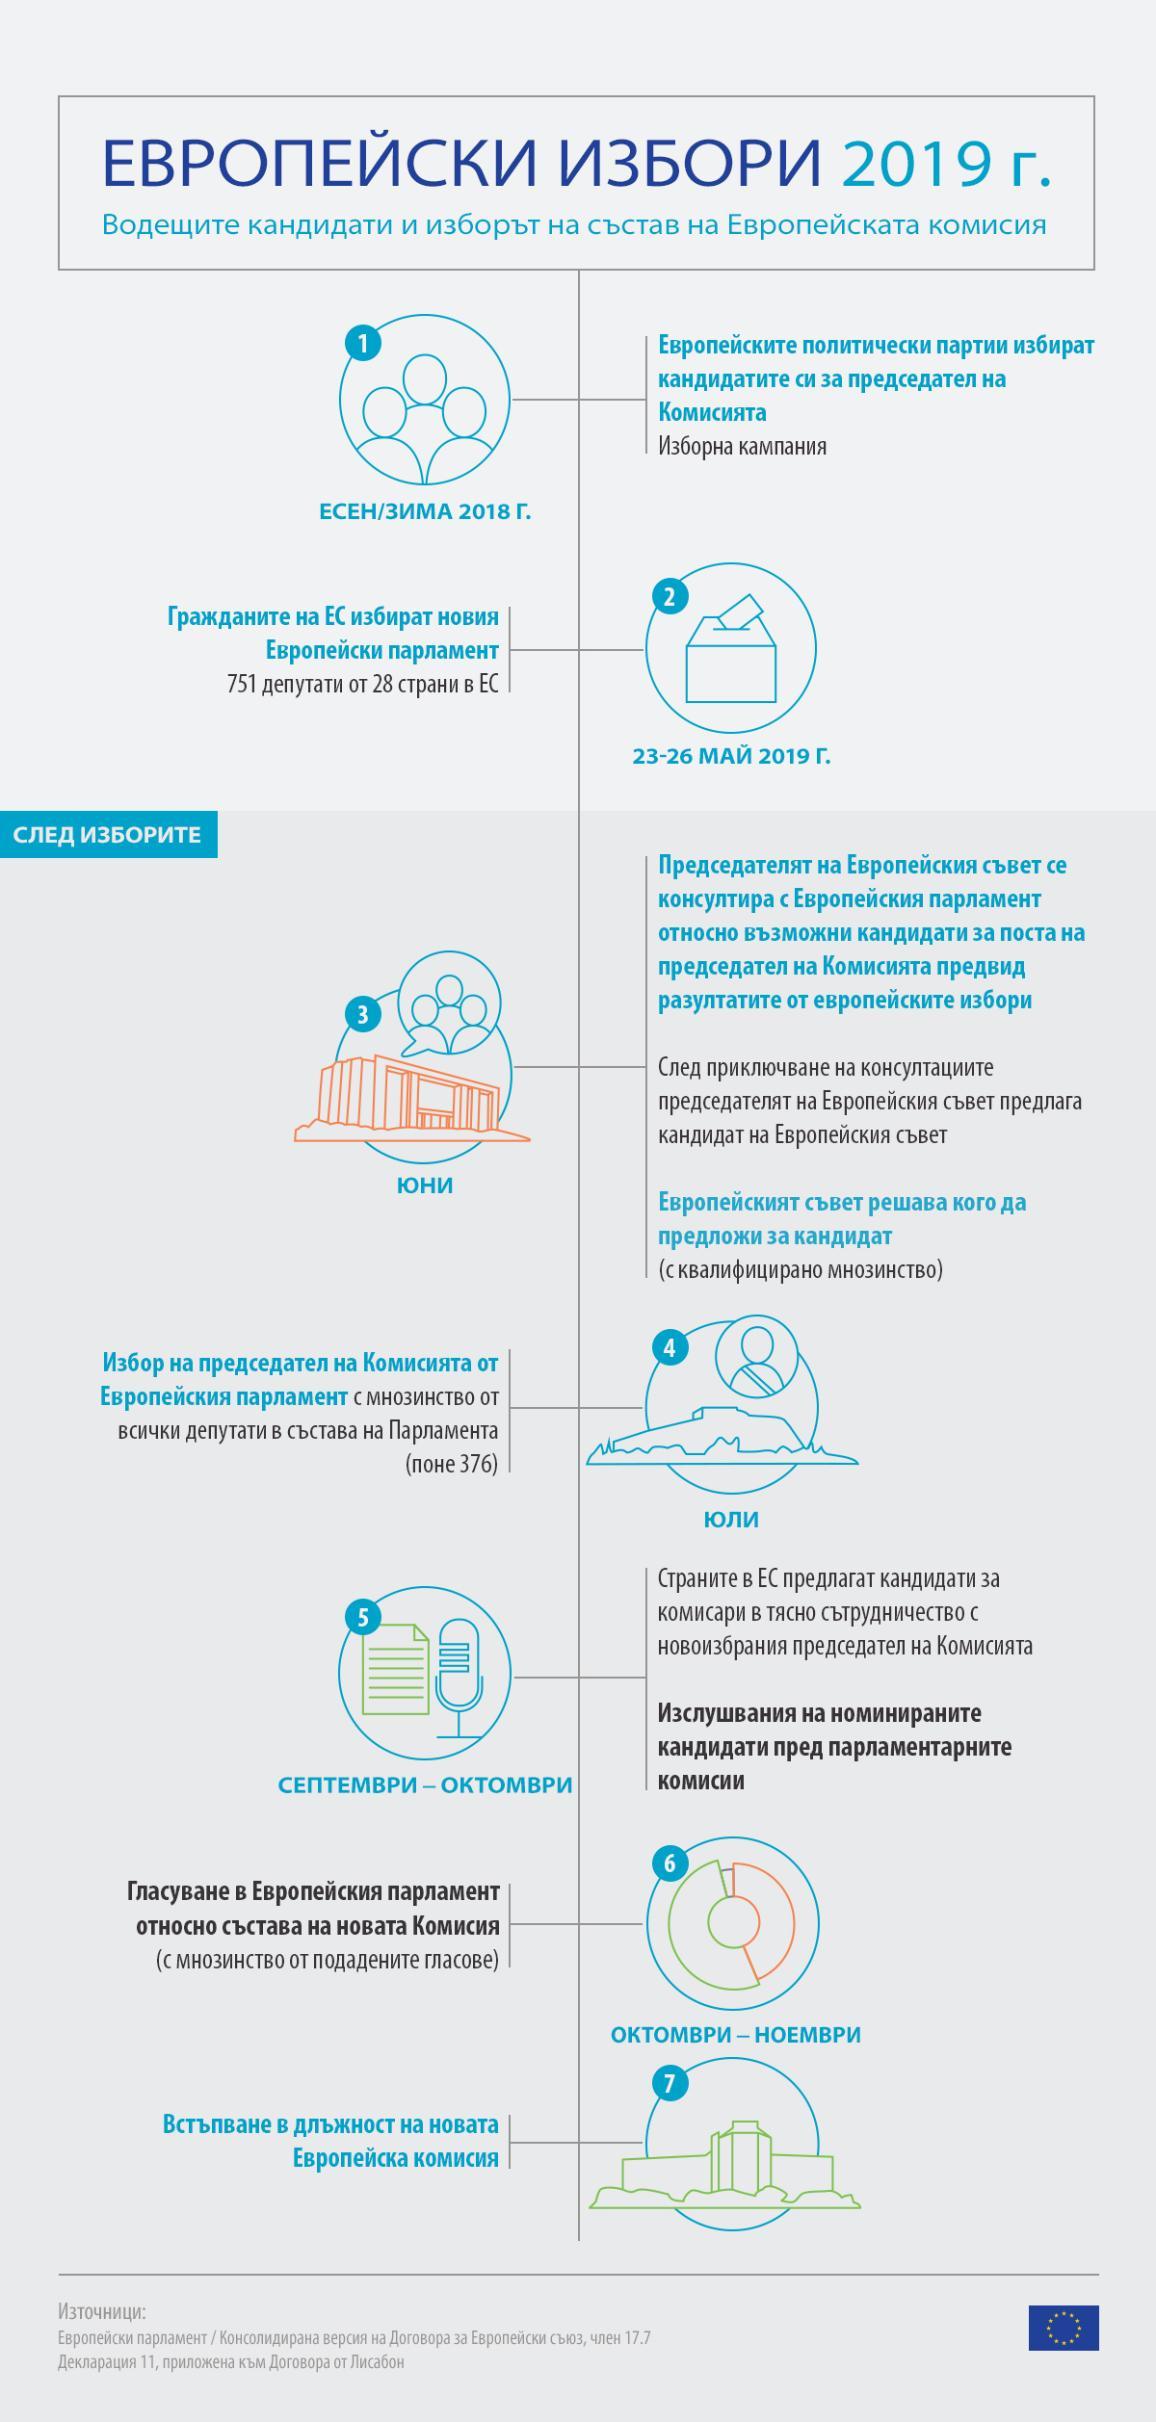 Инфографика: Европейски избори 2019 г.: Водещите кандидати и изборът на състав на Европейската комисия